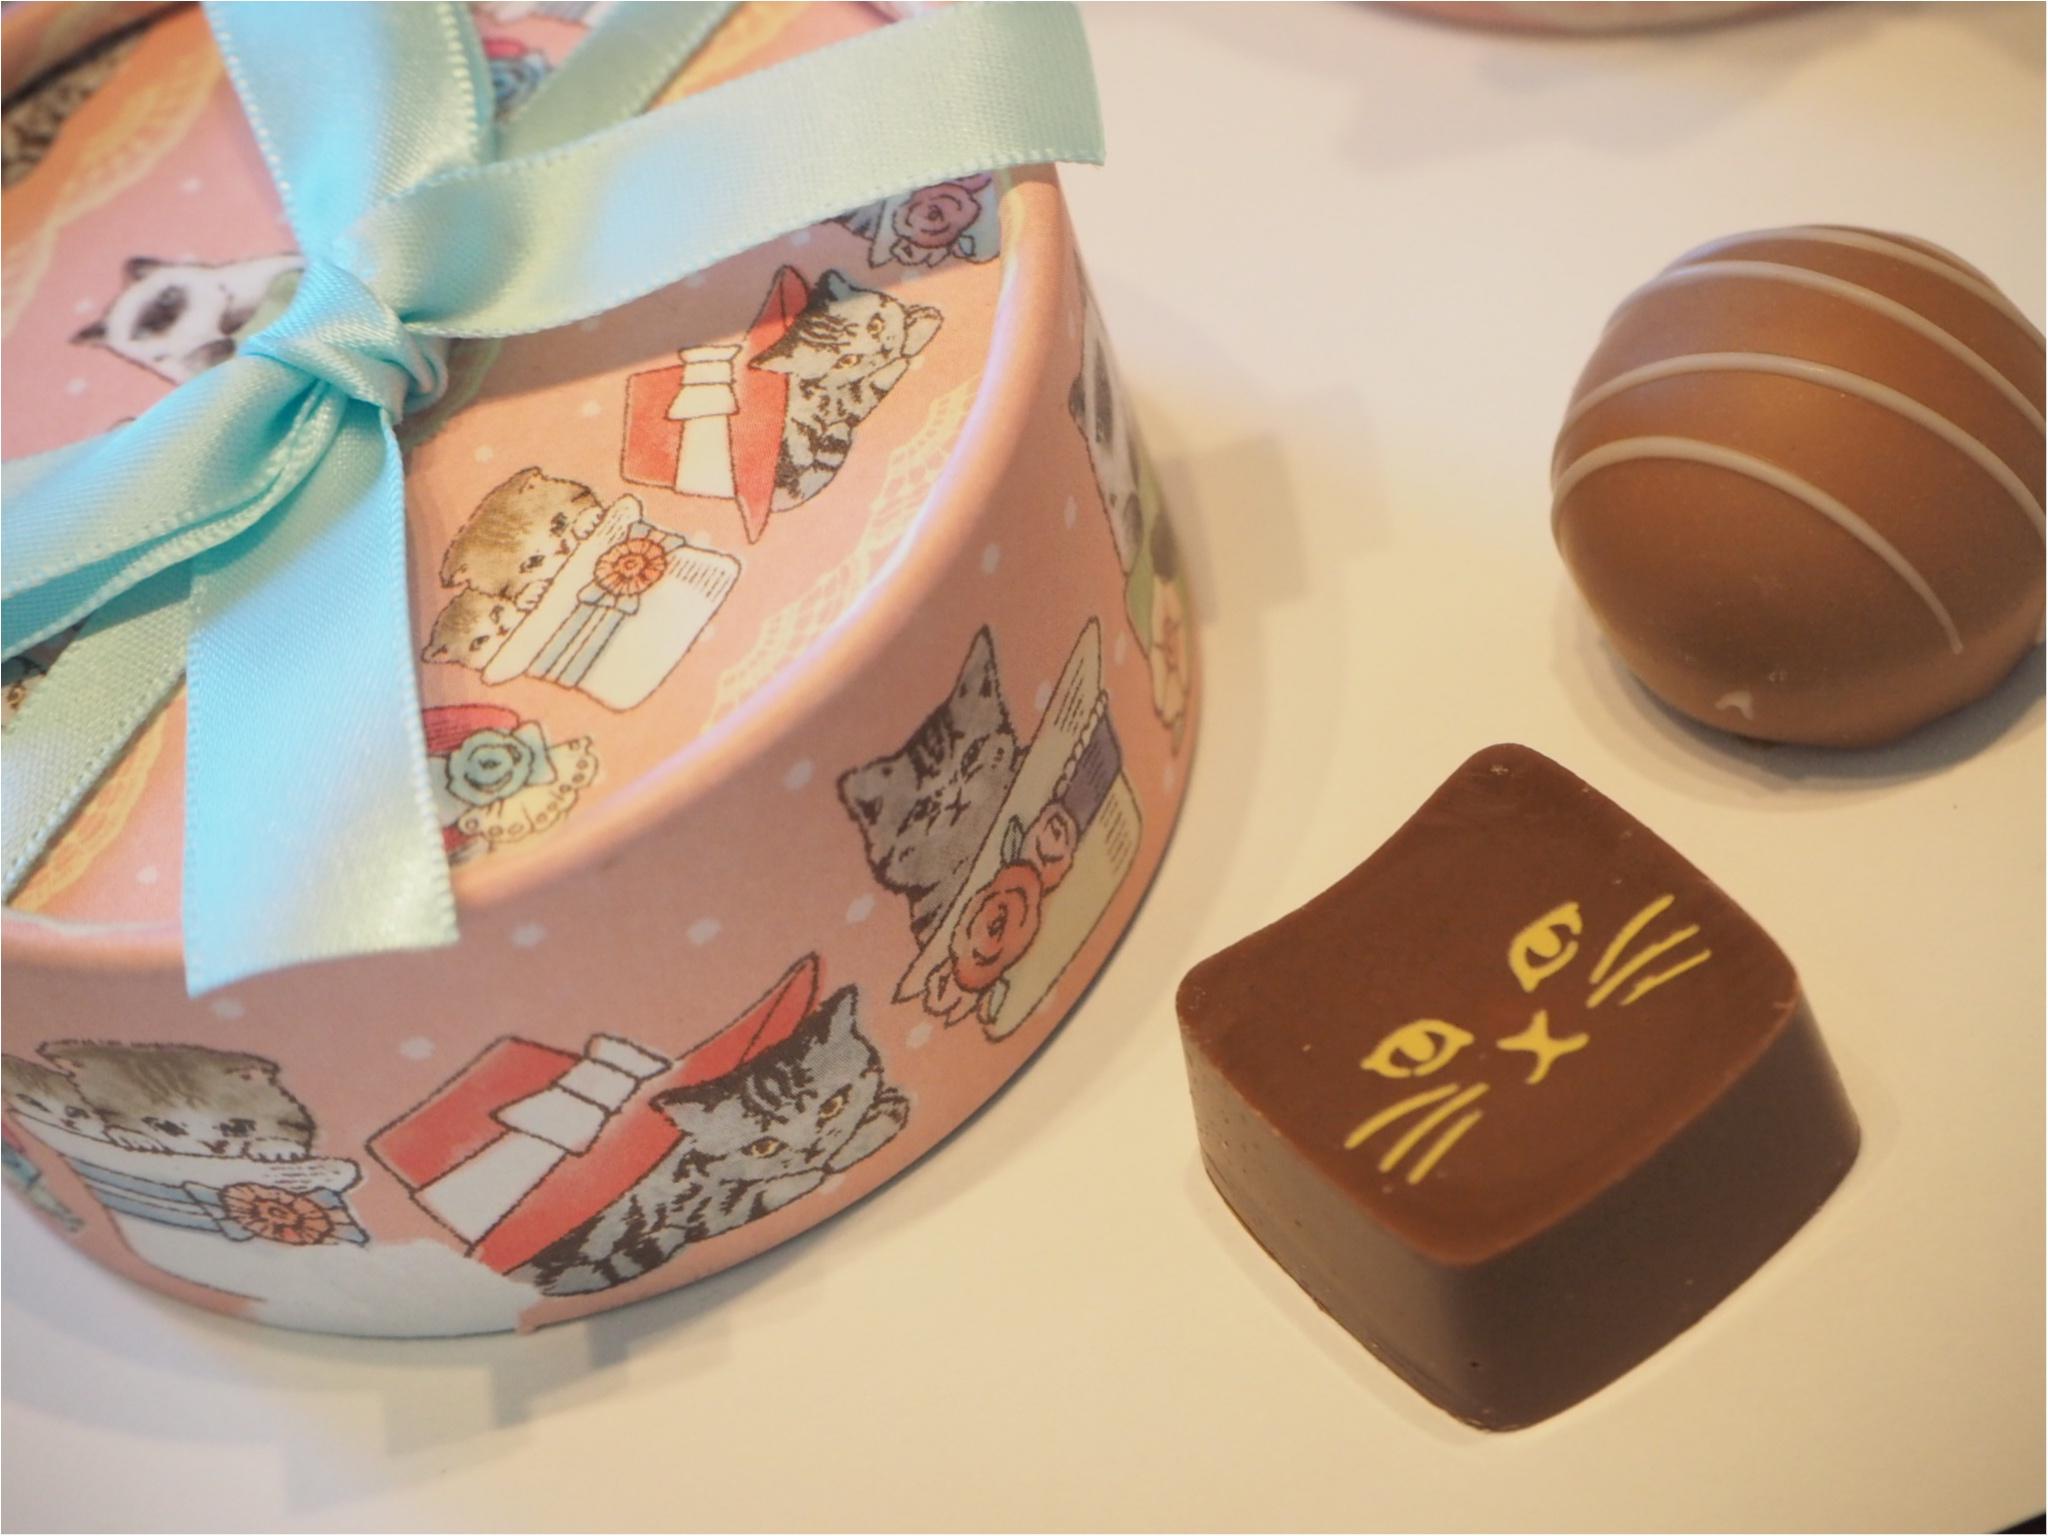 【バレンタインデー直前】今欲しいのは500円台で買えるお手軽ご褒美チョコ!_4